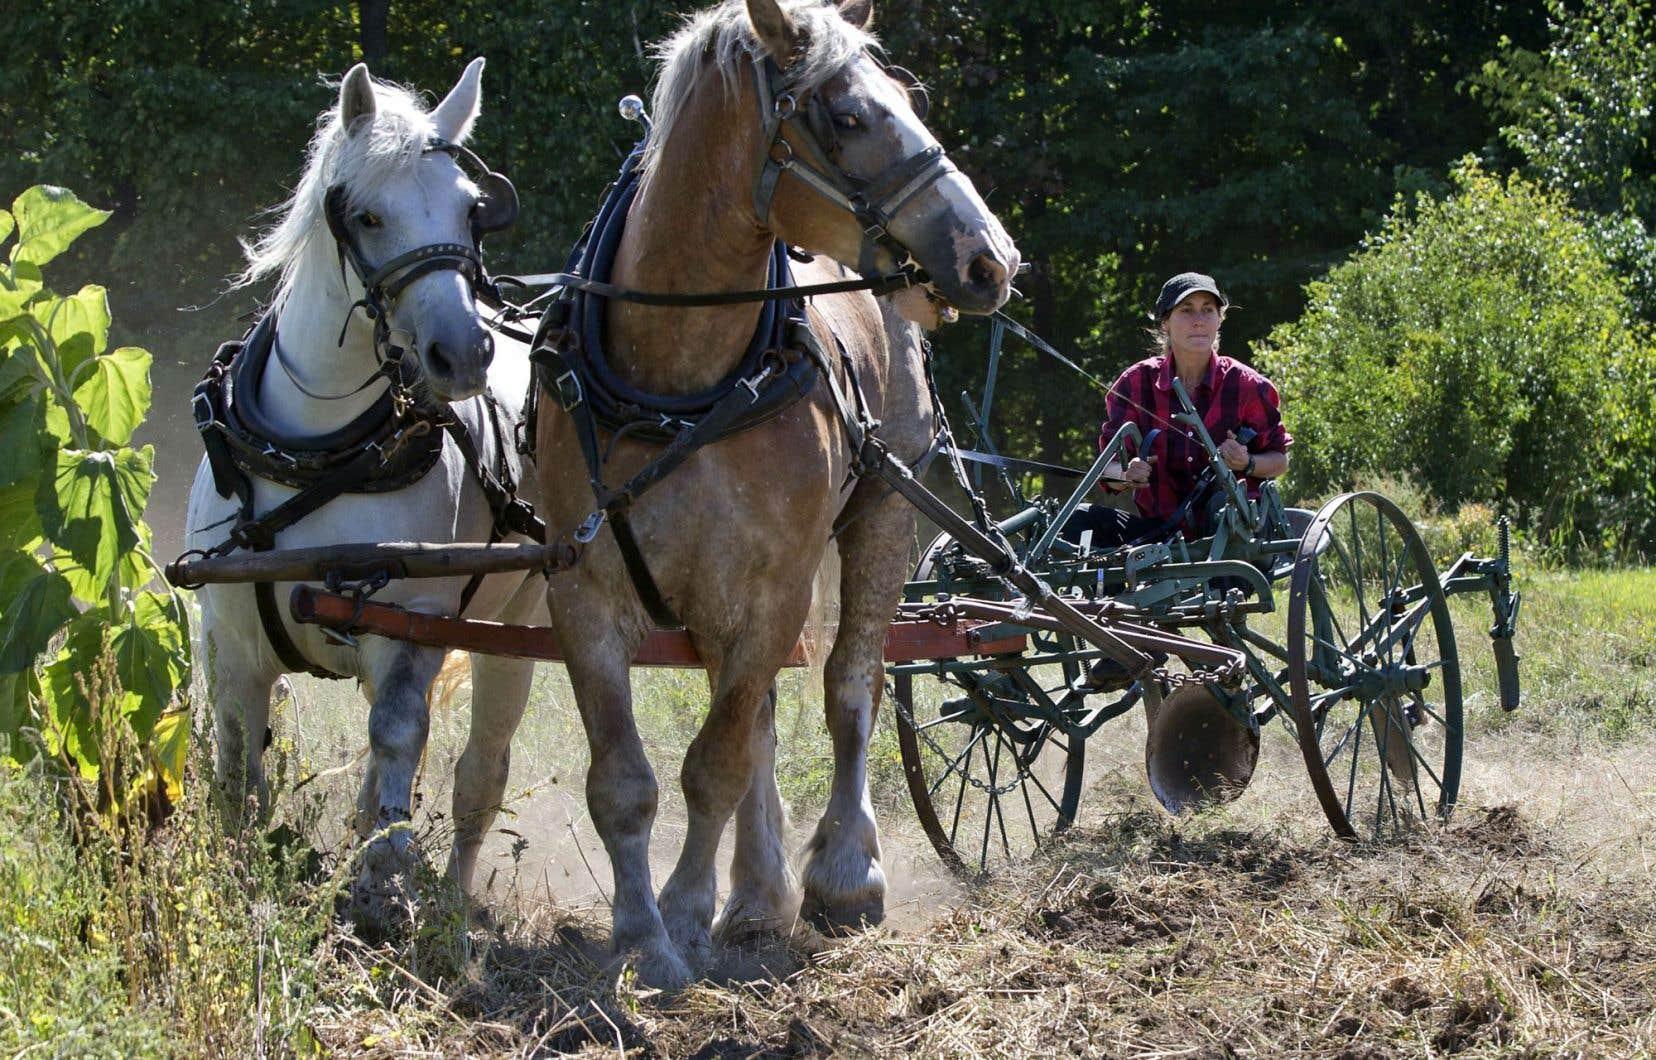 La maraîchère Mylaine Massicotte remue la terre assise sur son cultivateur, en compagnie de Bill et Miss, 3400 livres de muscles et quelques onces d'affection.